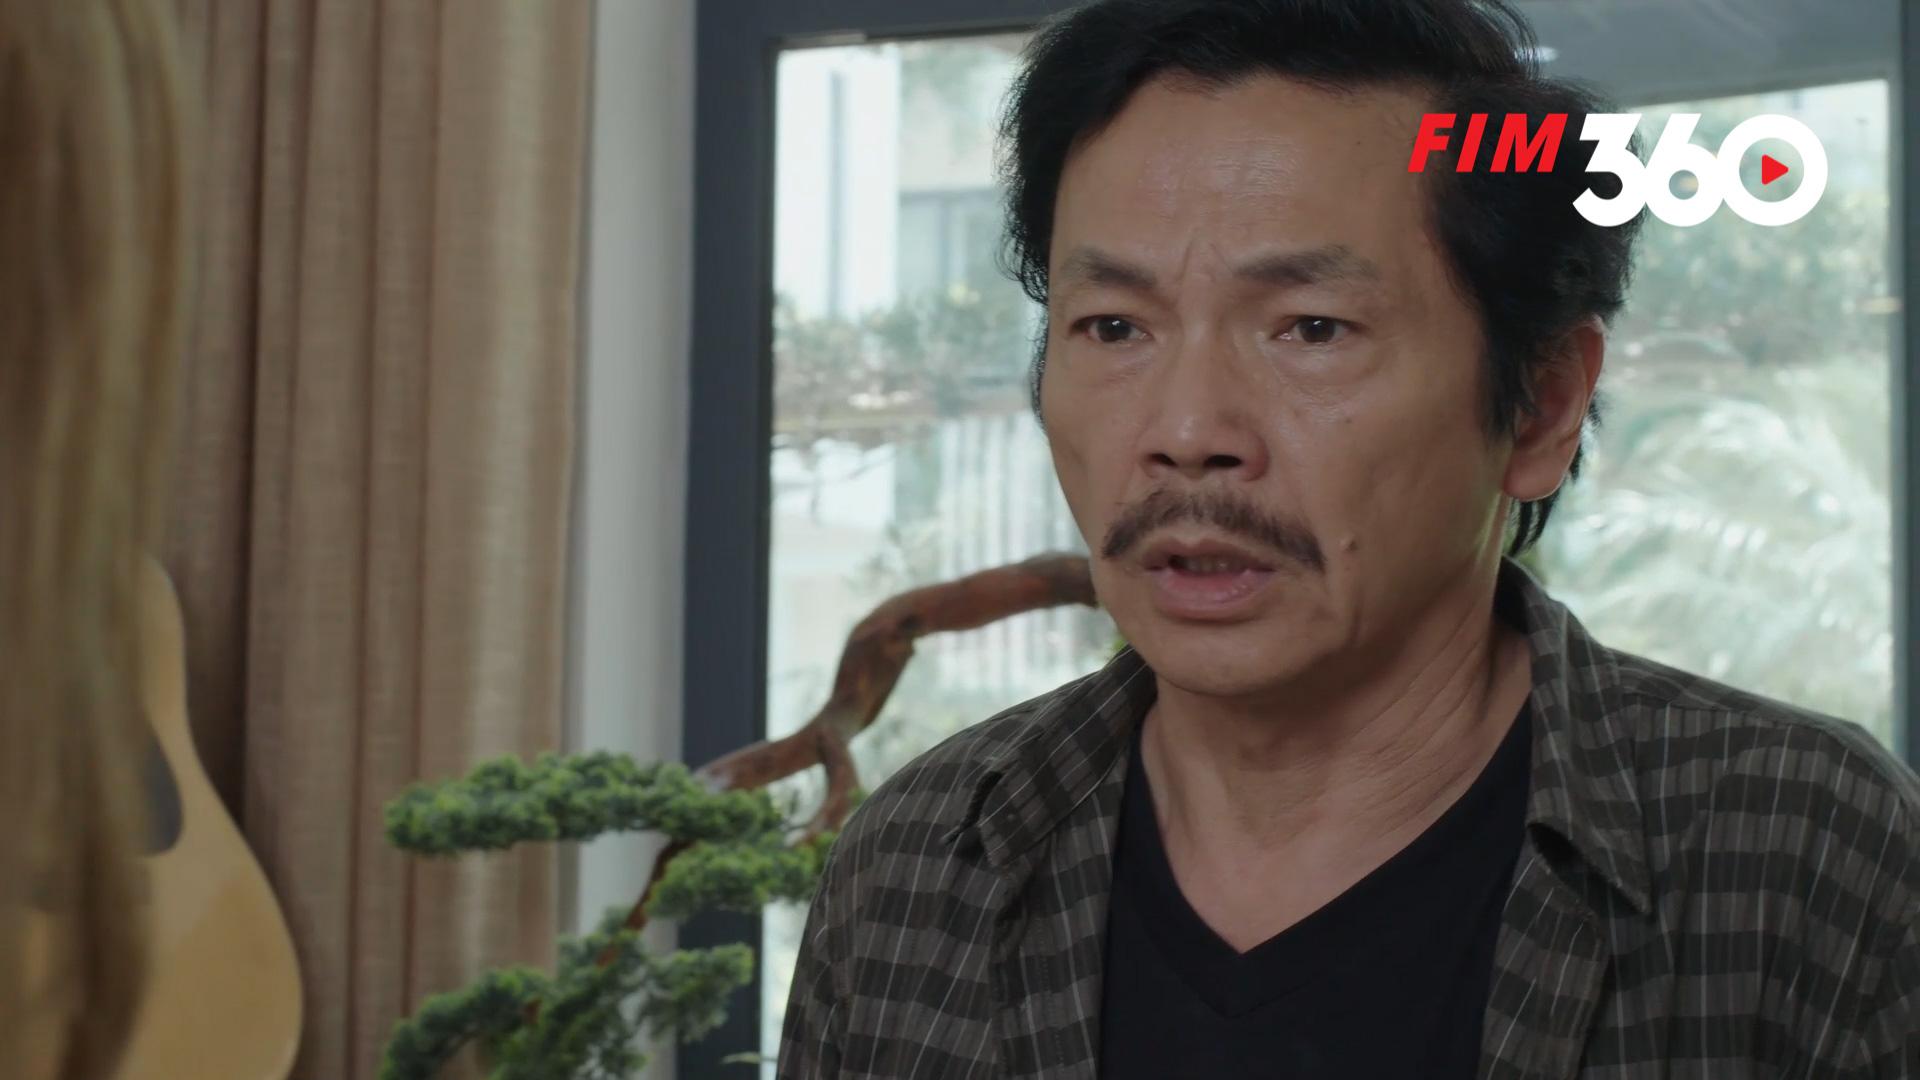 Ông Tôn 'lật bài ngửa', tuyên bố Huấn không thể cướp lấy Hà Vy trong tập 36 'Mặt nạ hạnh phúc' 11